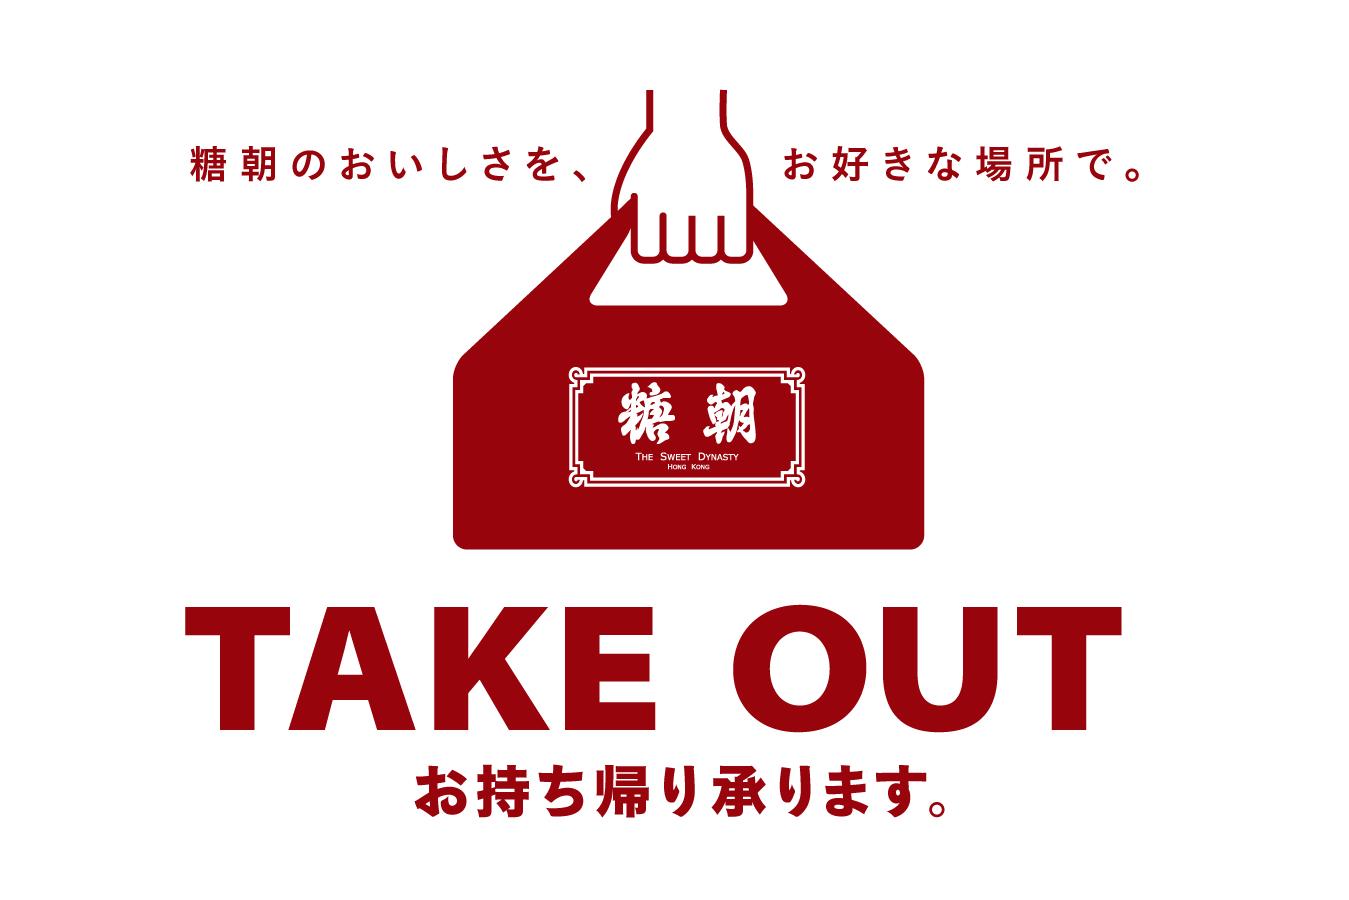 糖朝CAFE・粥茶館 テイクアウト販売開始